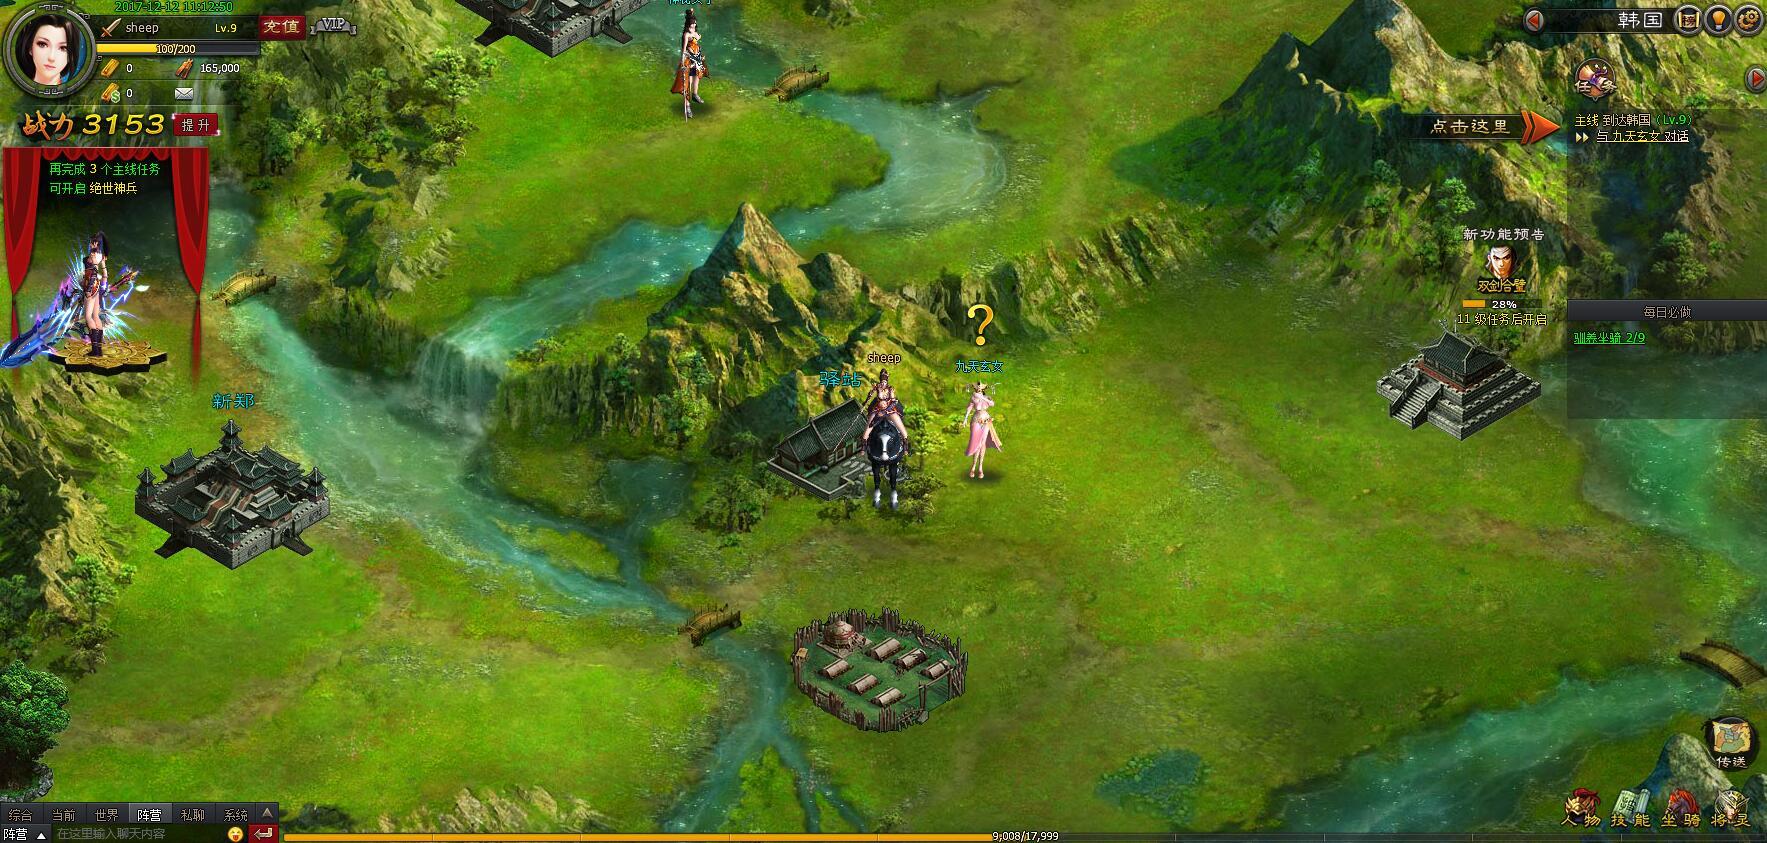 江湖OL游戏截图2